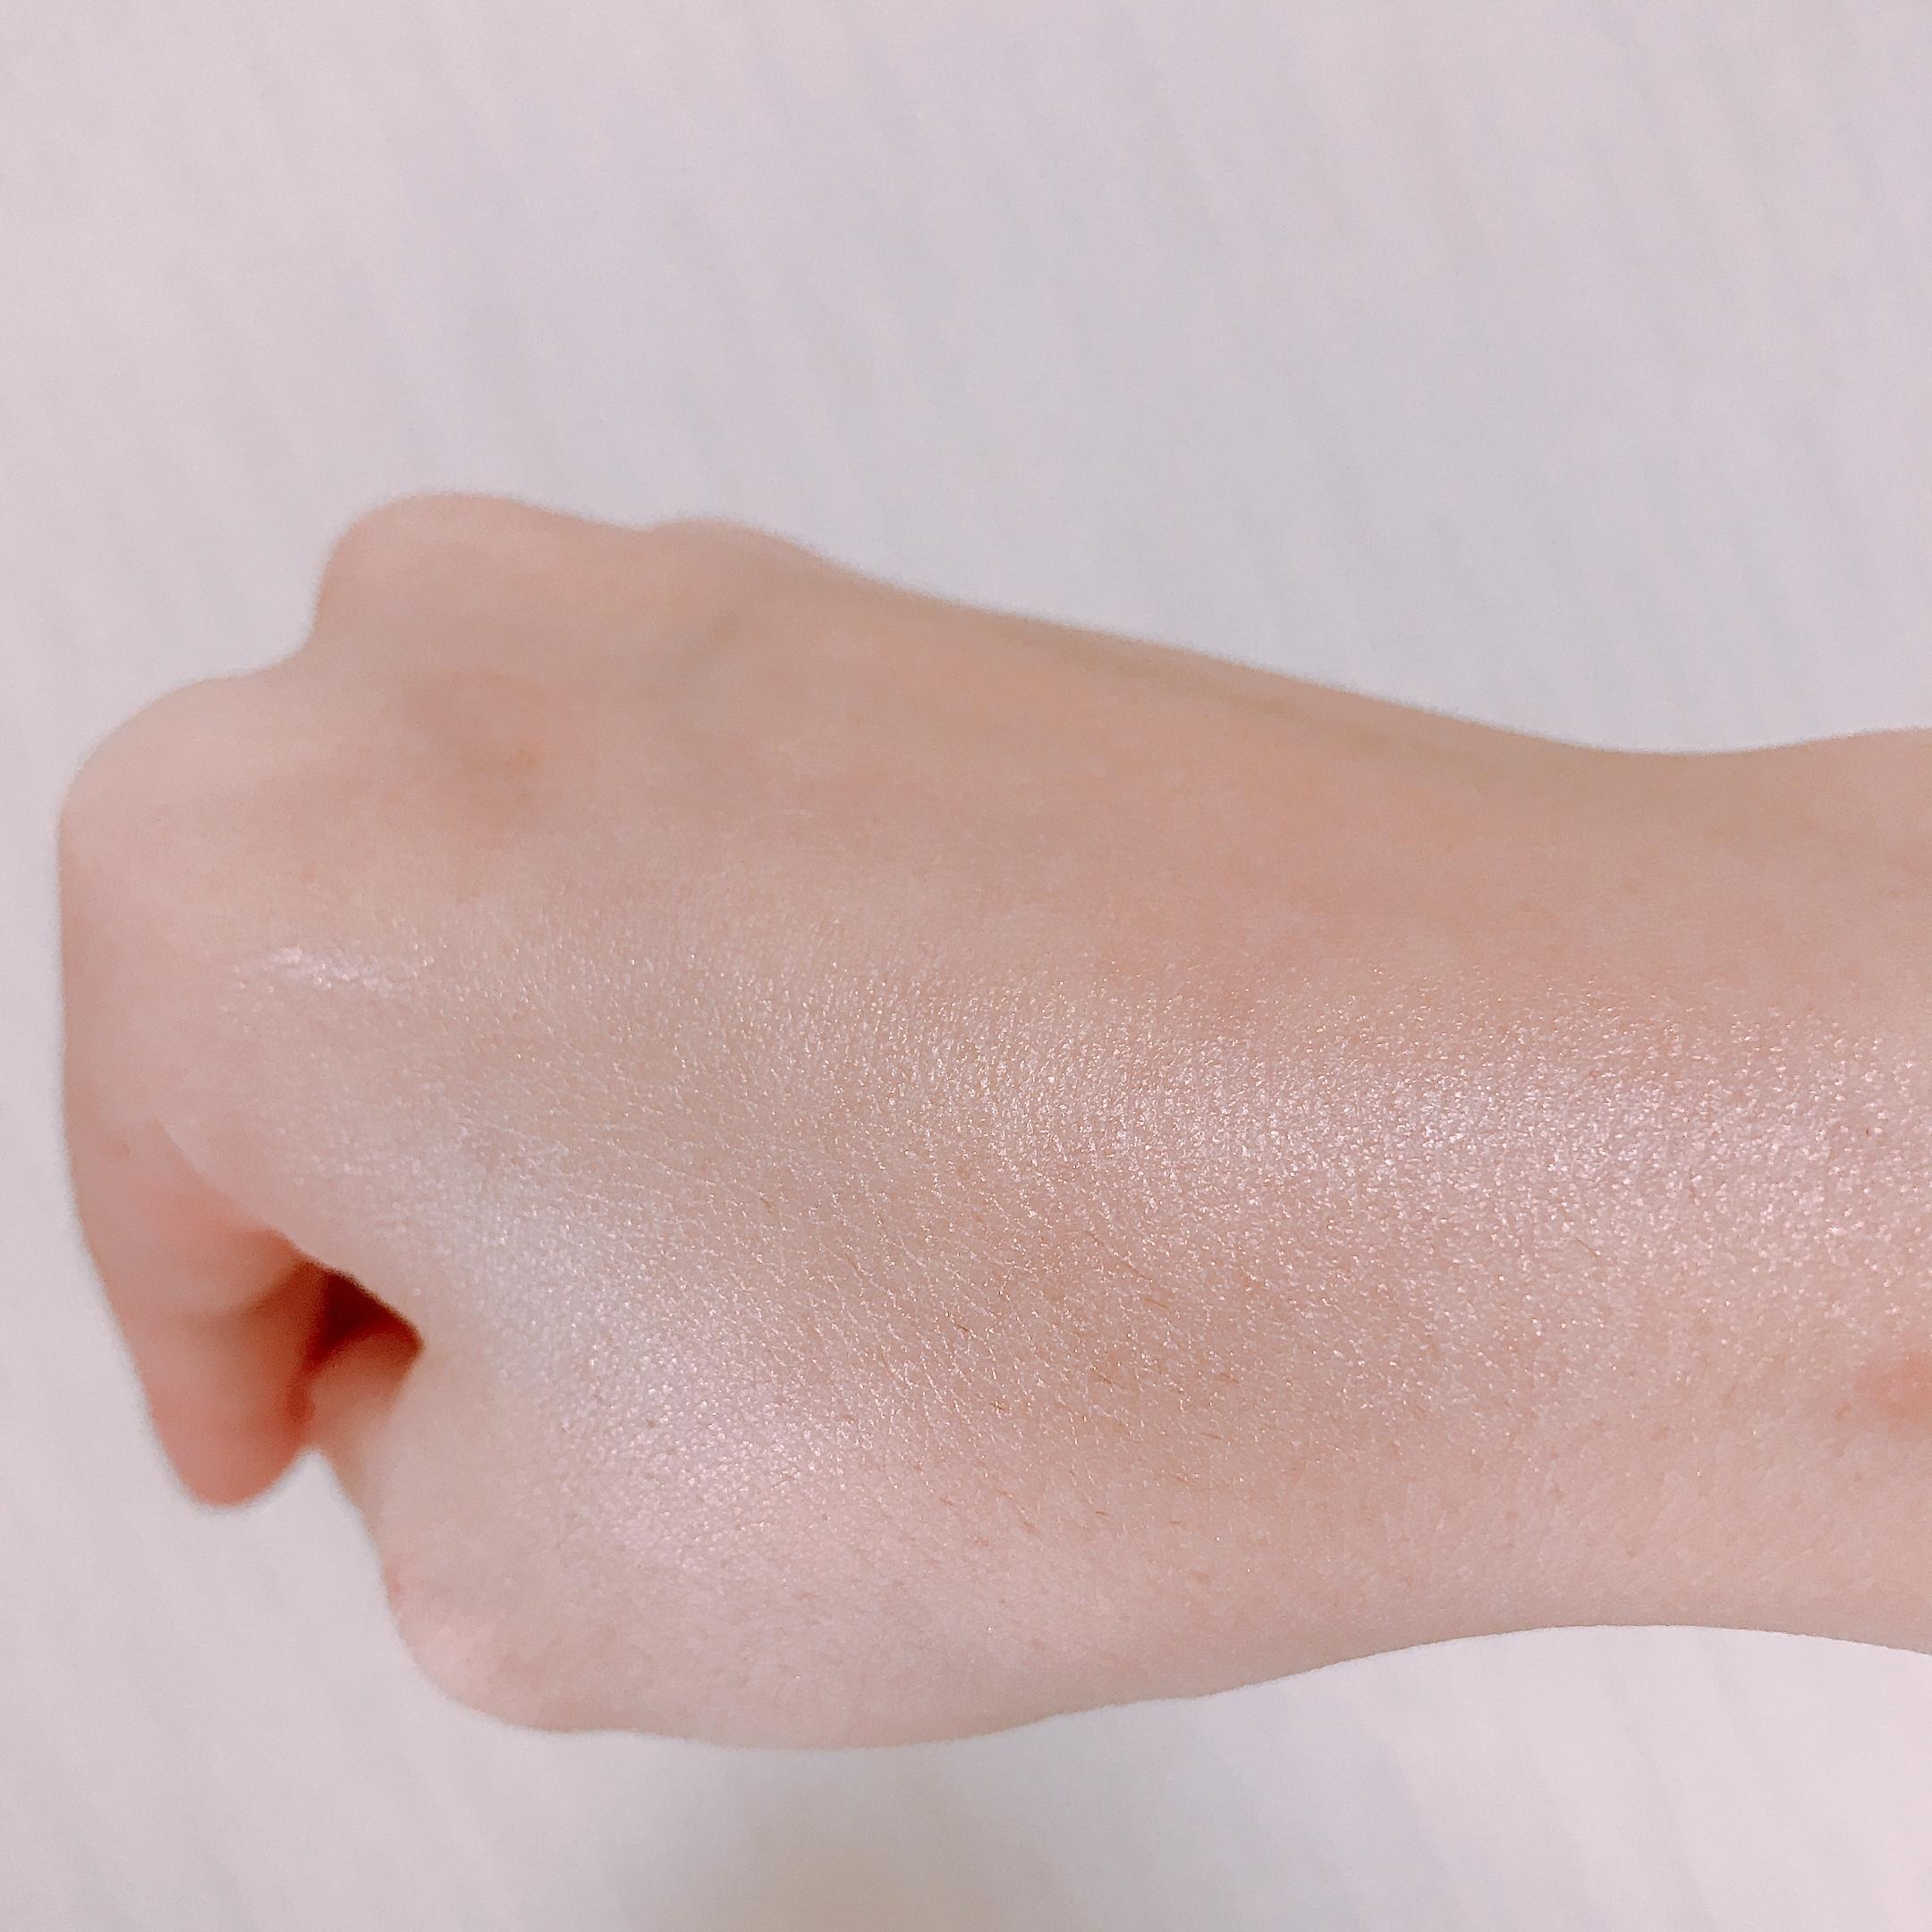 【自然な艶肌】Viseeハイライト_1_2-2